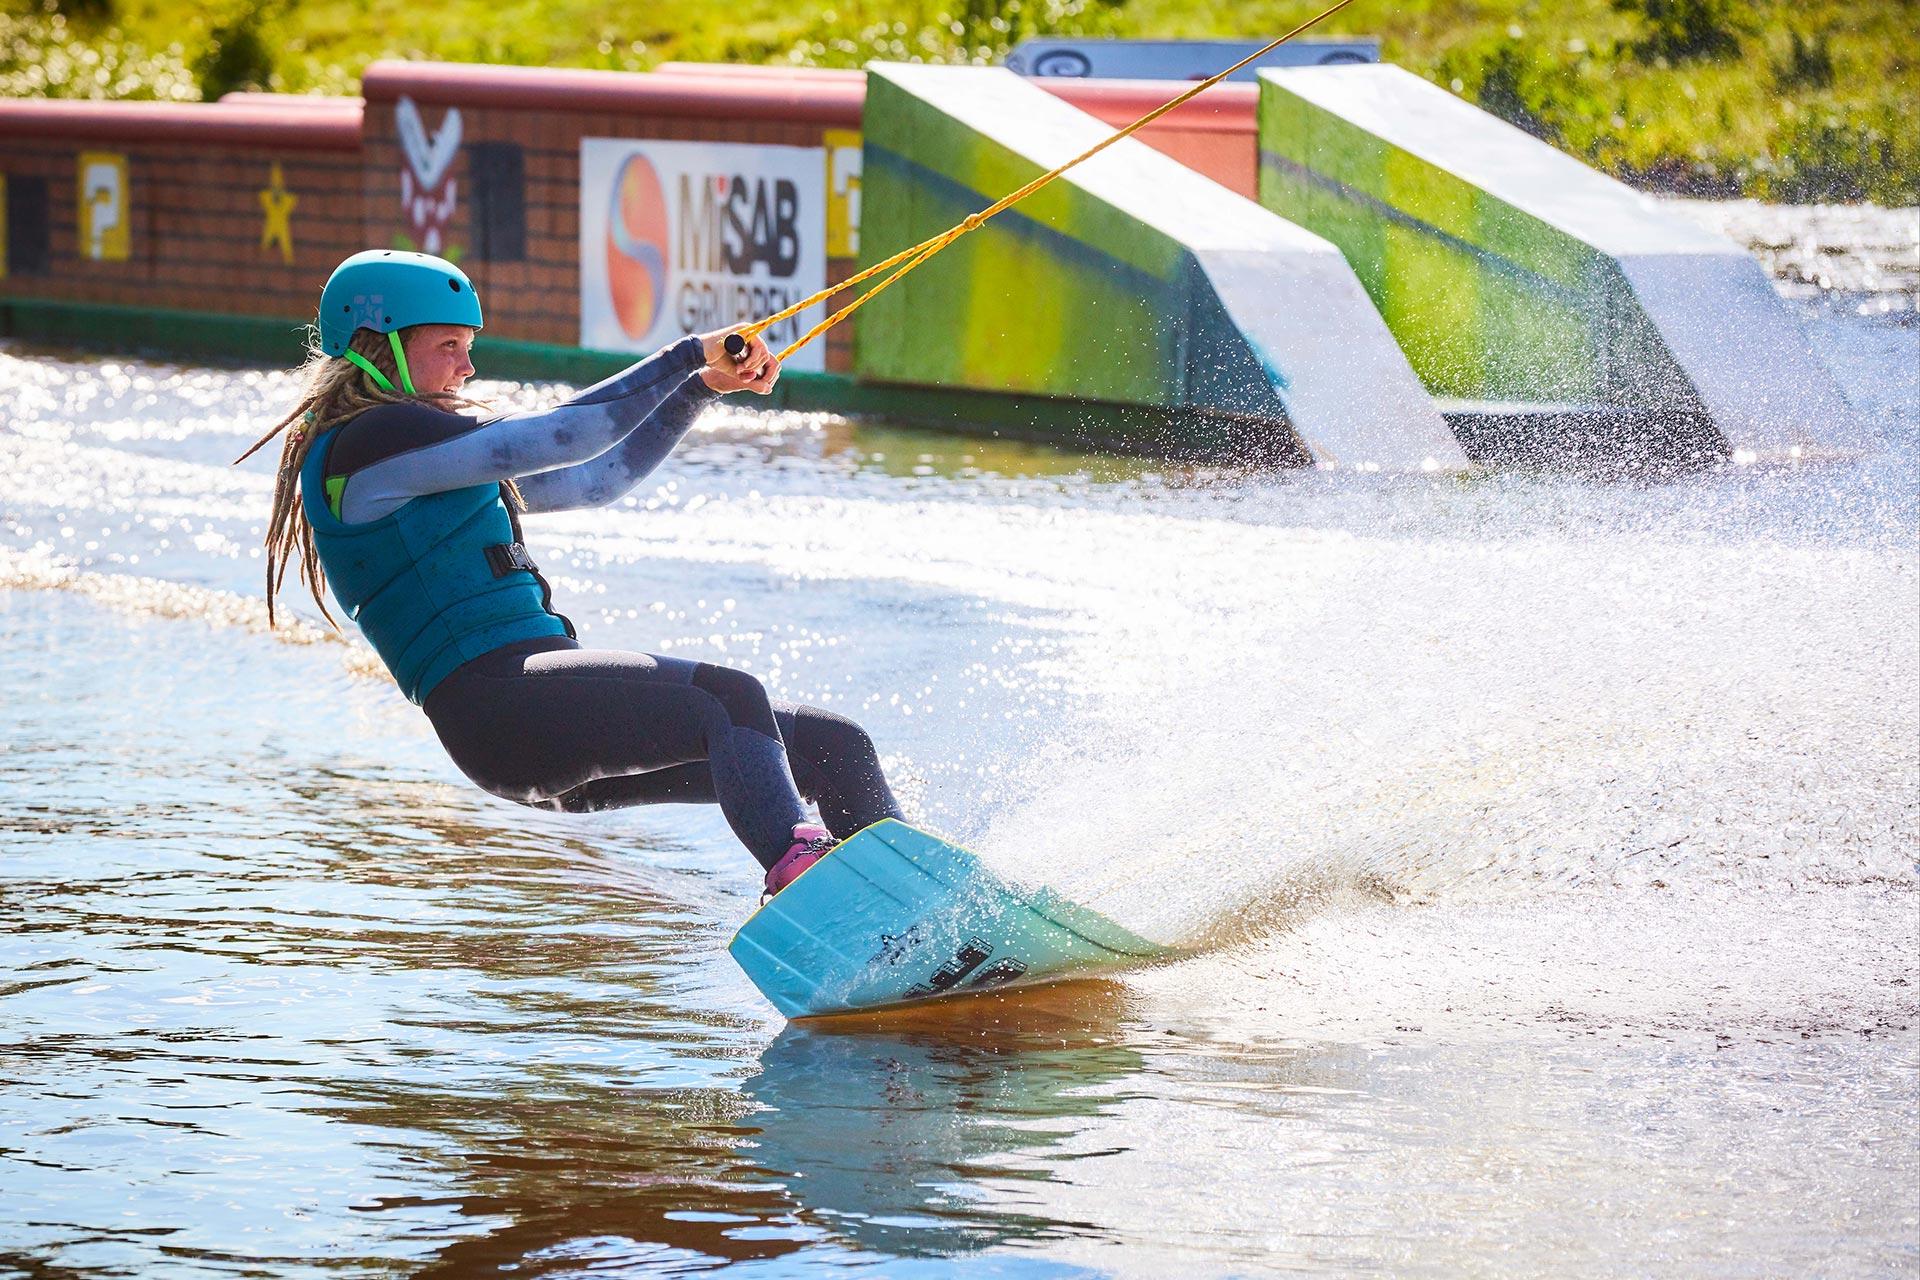 En ungdom åker vattenbräda i Västerås Kabelpark. Foto: BildN